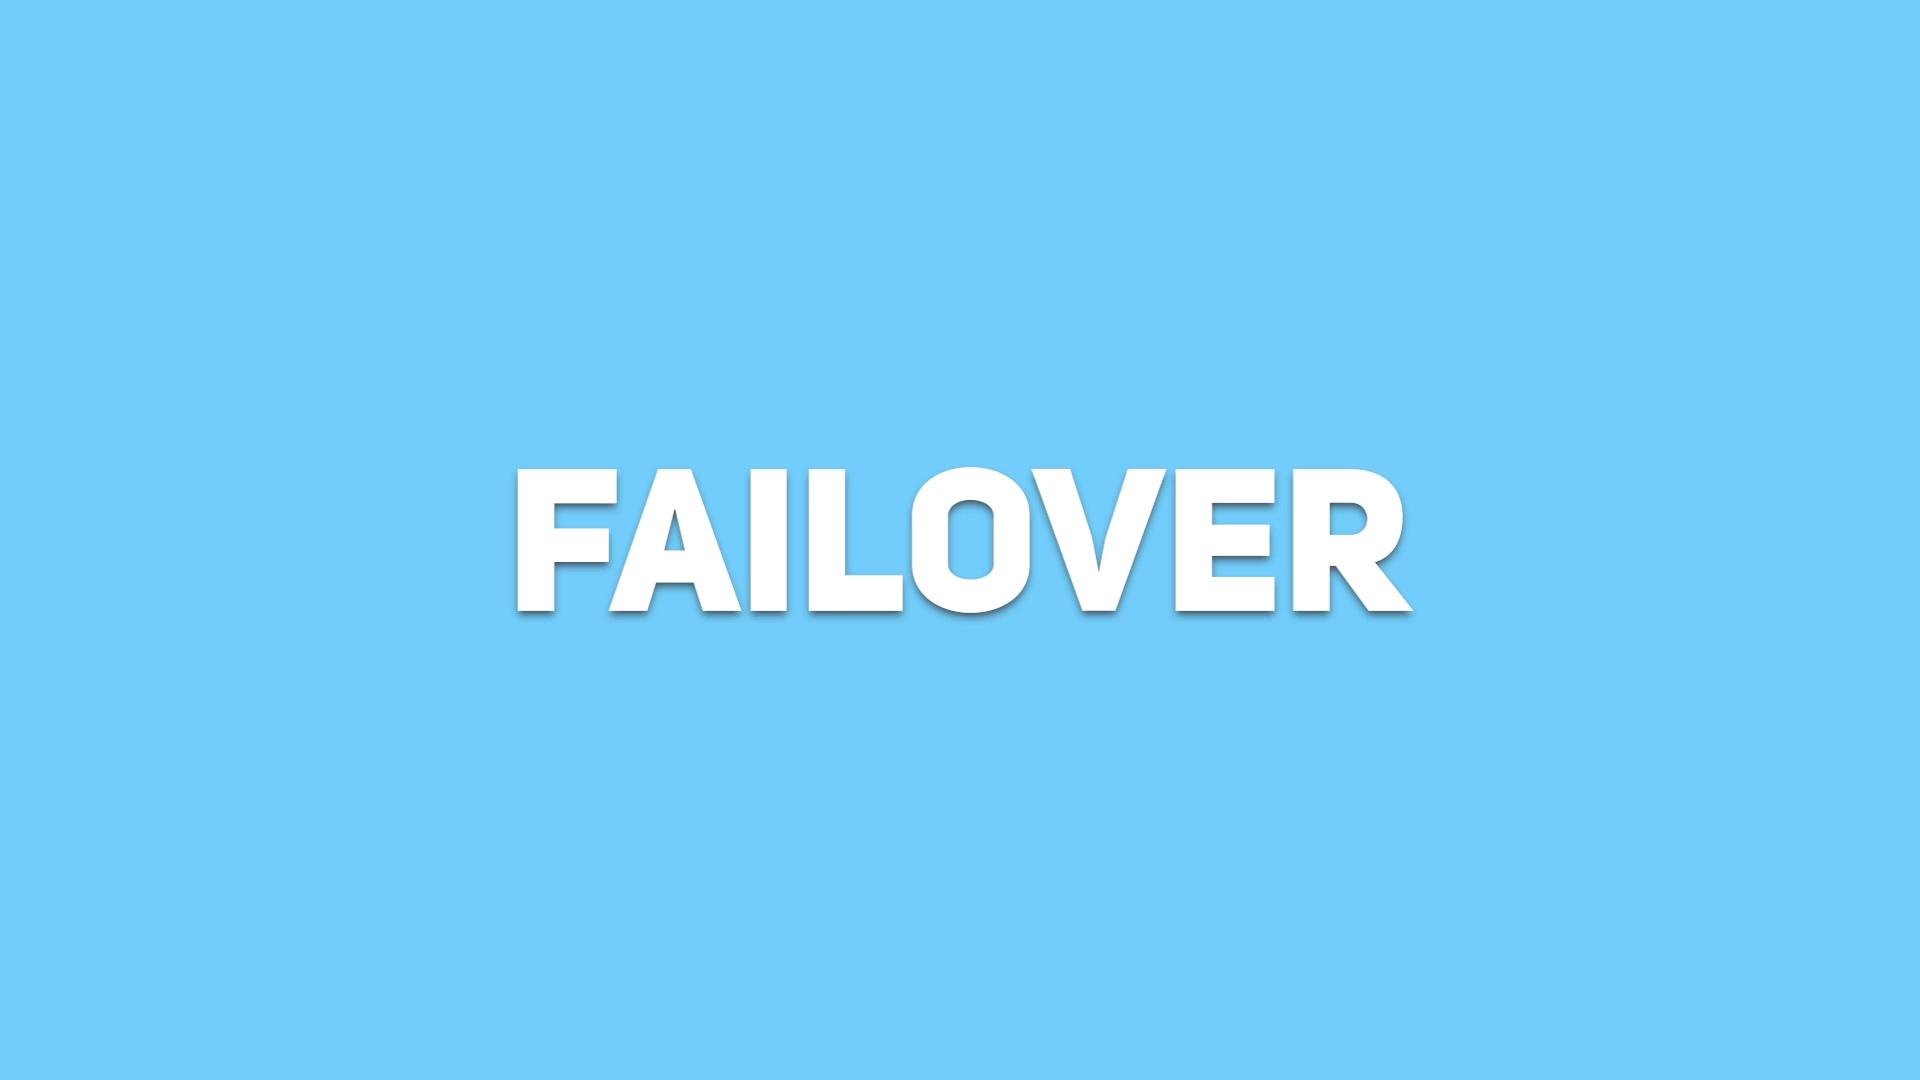 RCS - Failover